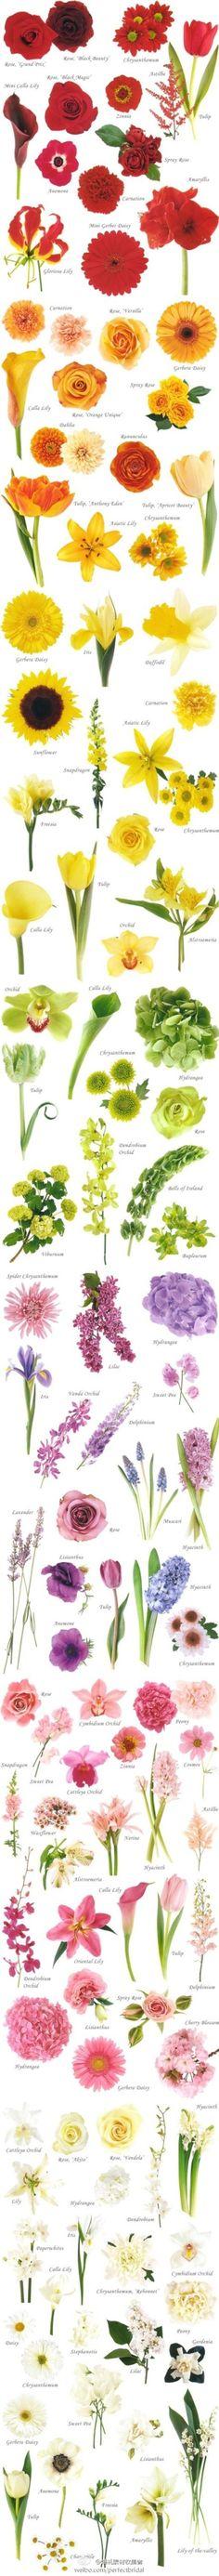 Blumen: Farben und Namen